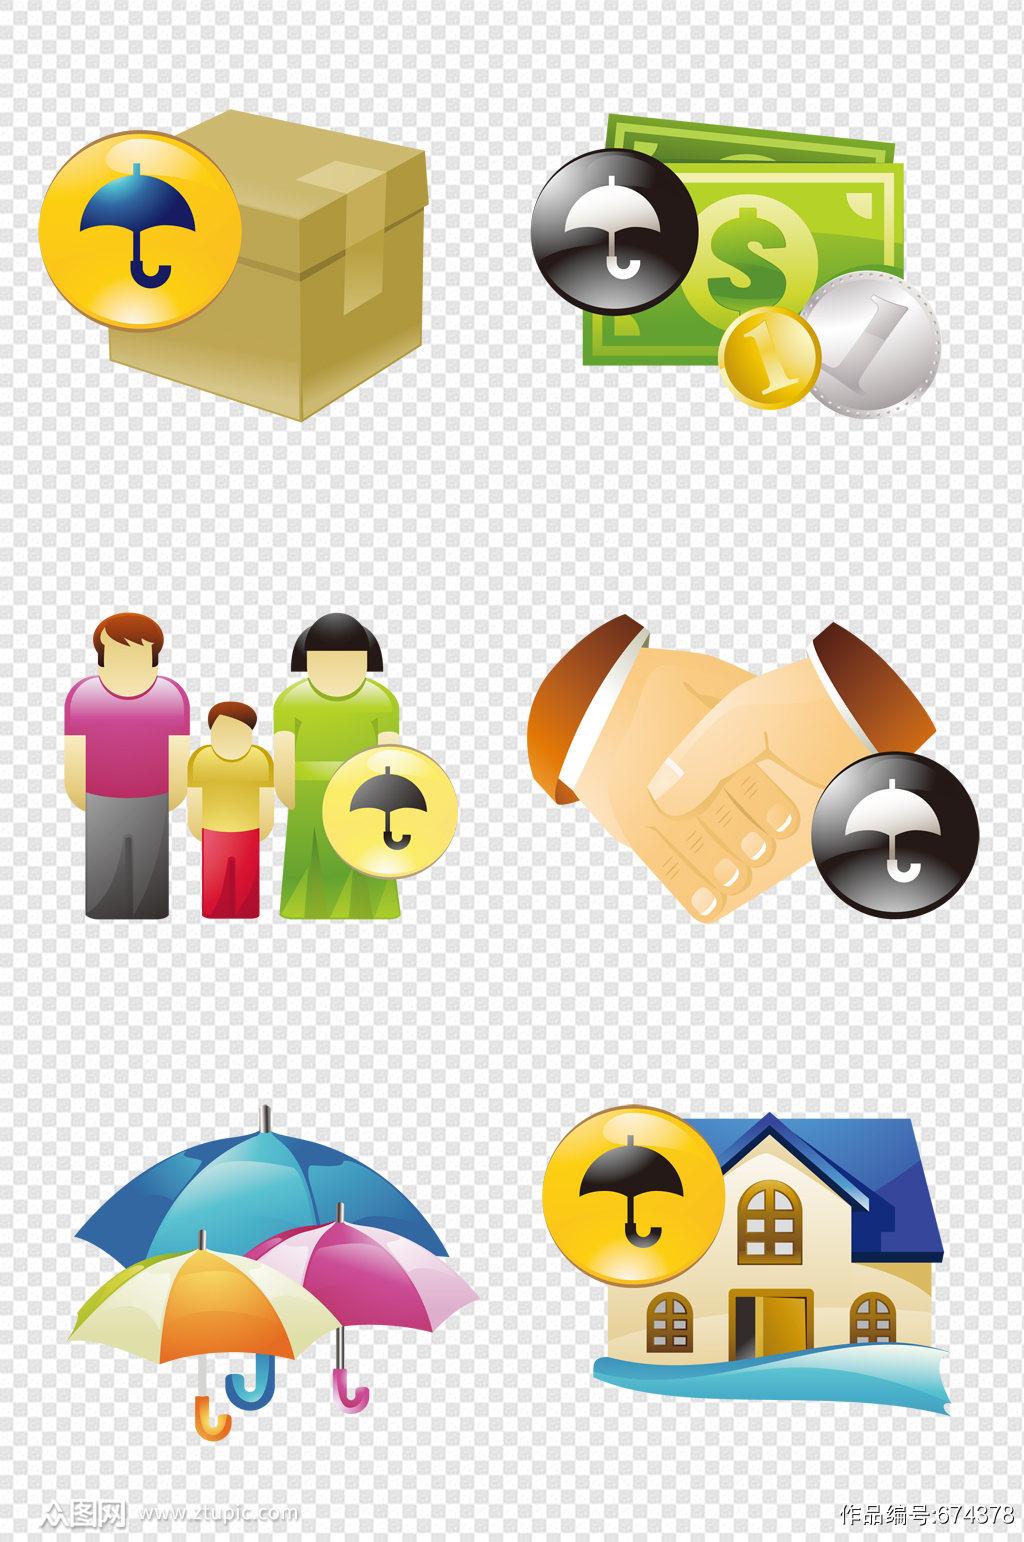 卡通手绘雨伞生活用品素材素材